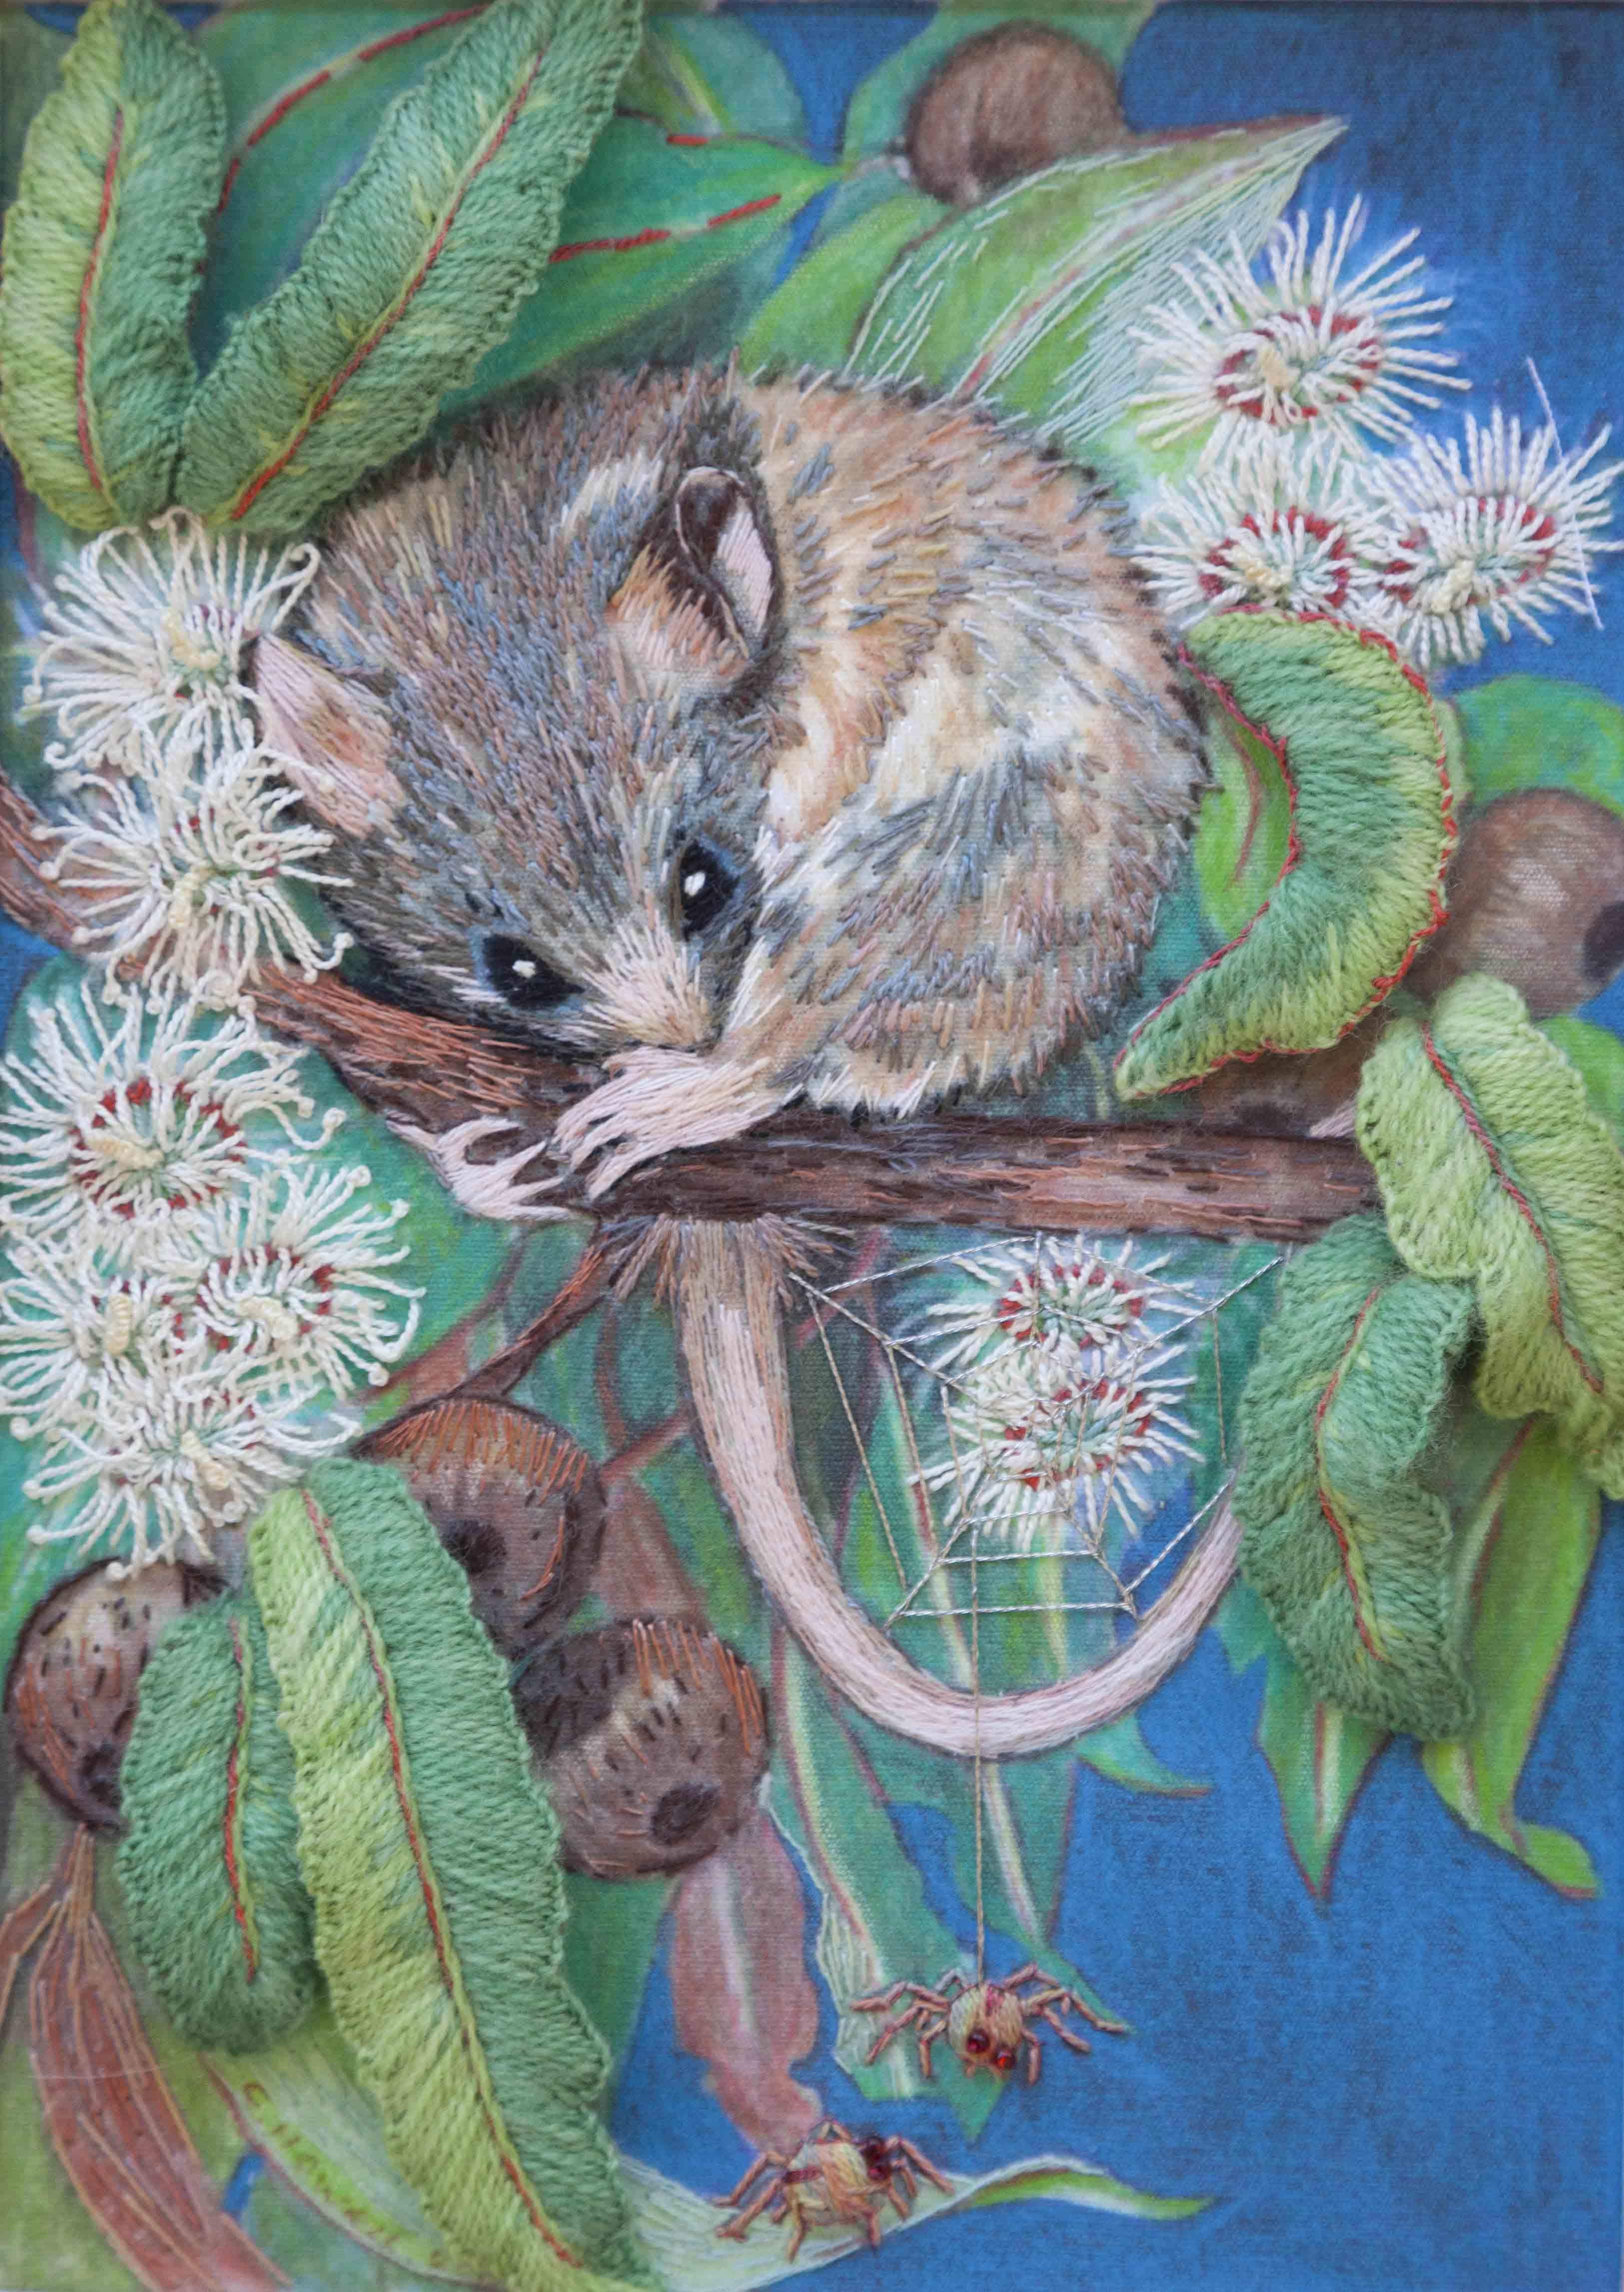 Catherine Howell - 'Playing Possum'